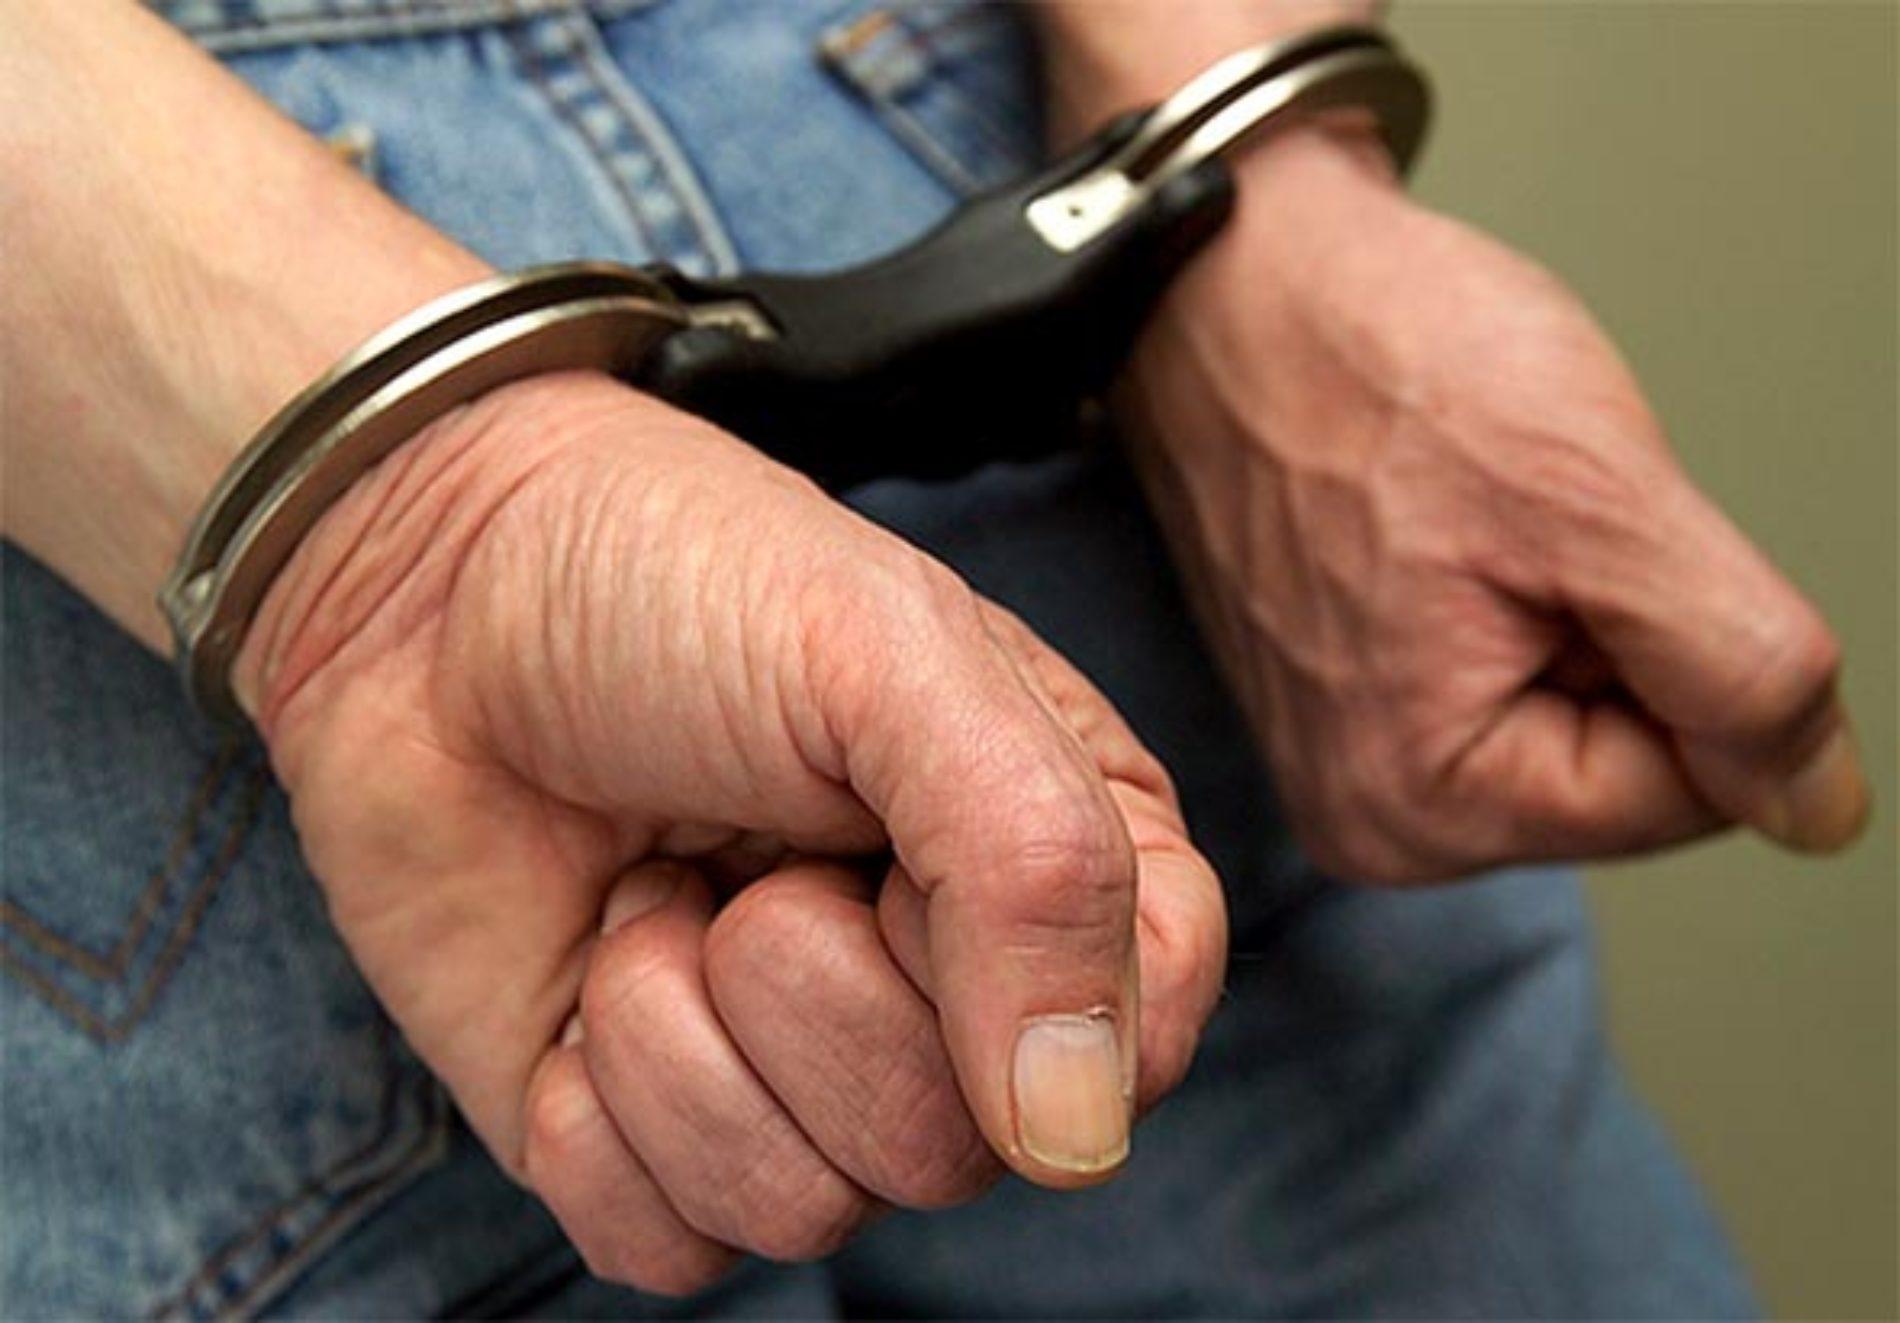 GNR deteve homem suspeito de agredir ex-companheira e ameaçar a vida da filha recém-nascida